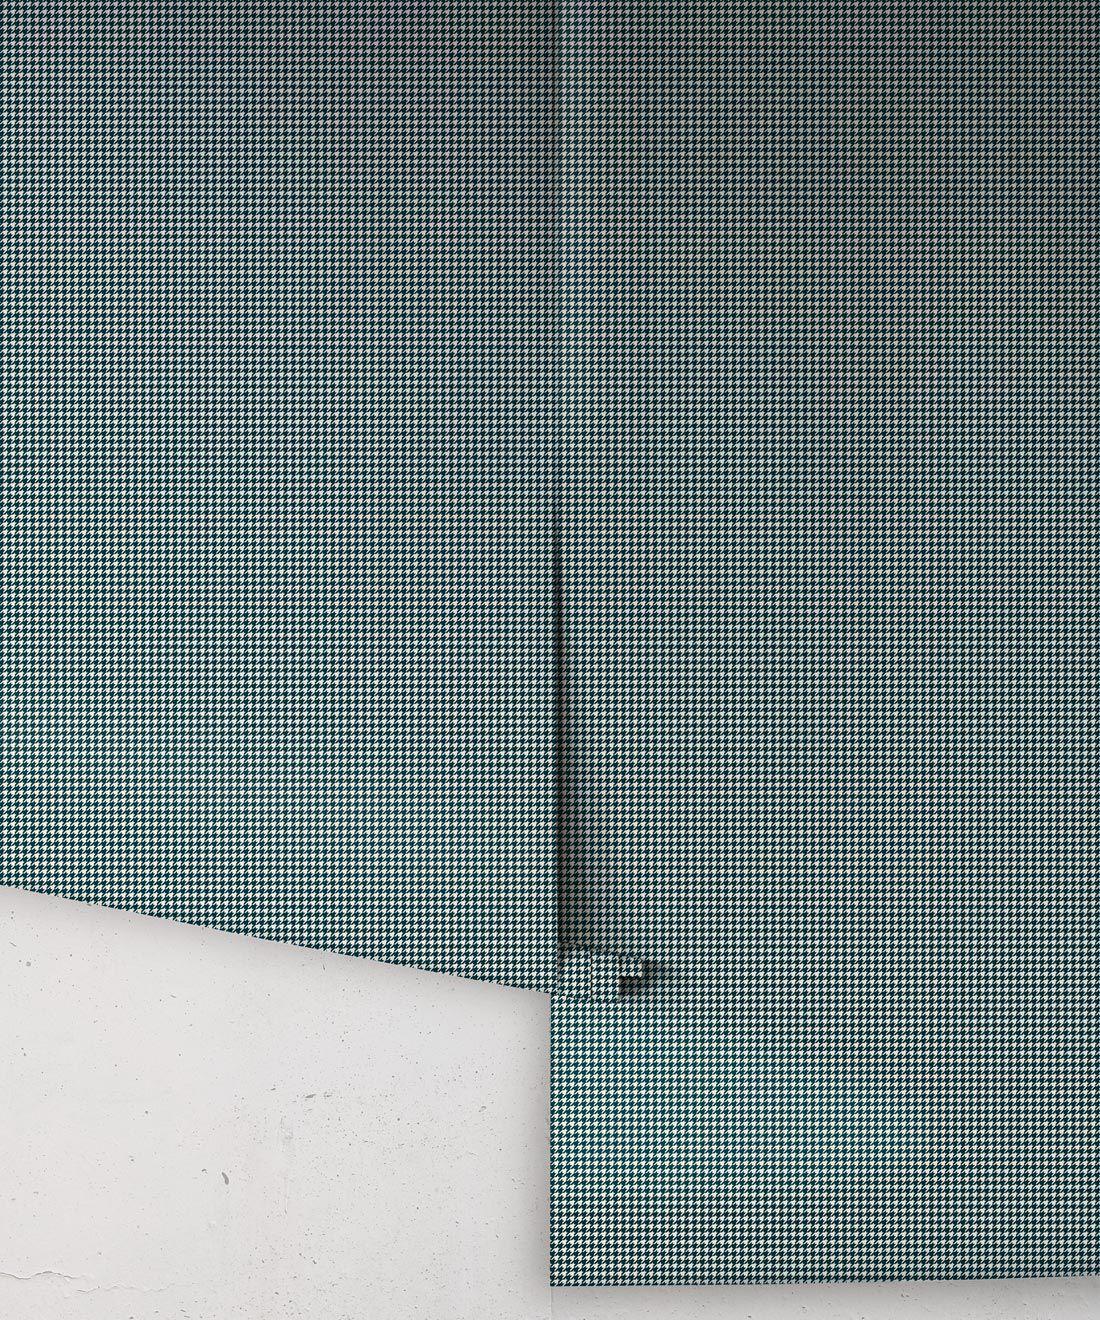 Houndstooth Wallpaper • Dogstooth Wallpaper • Dark Green •Rolls